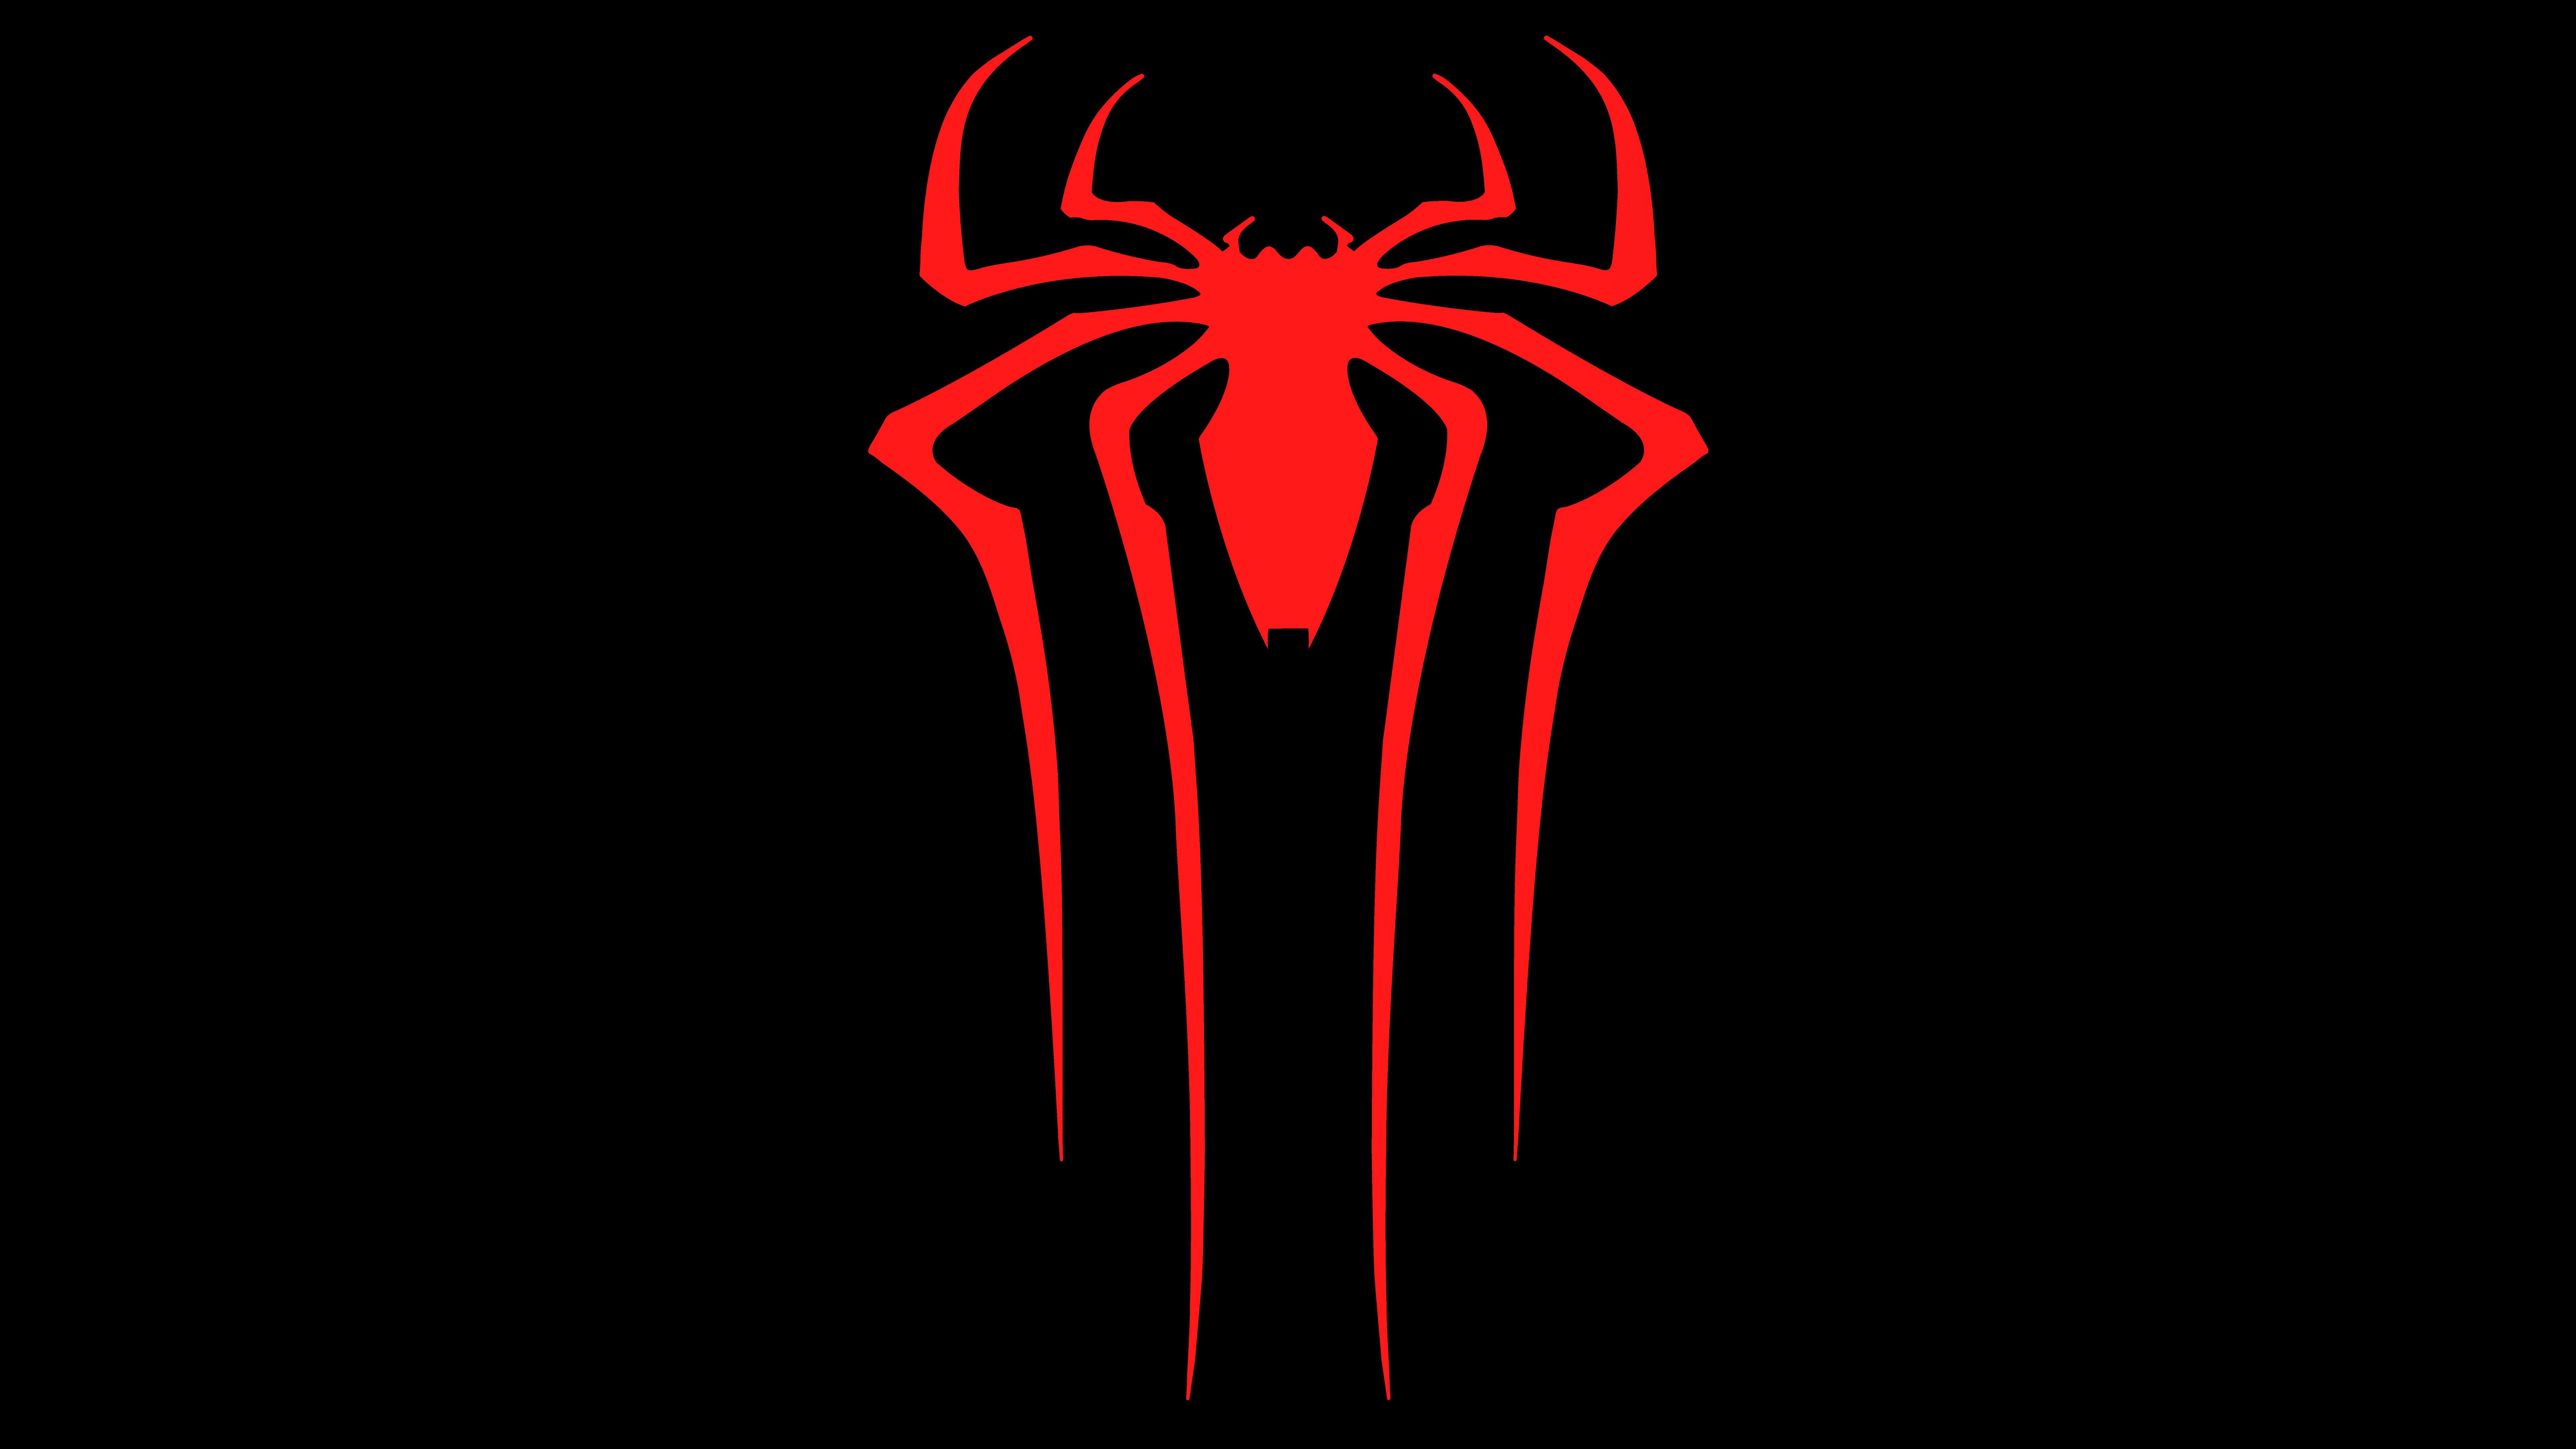 2048x2048 Spiderman Logo 8k Ipad Air Hd 4k Wallpapers